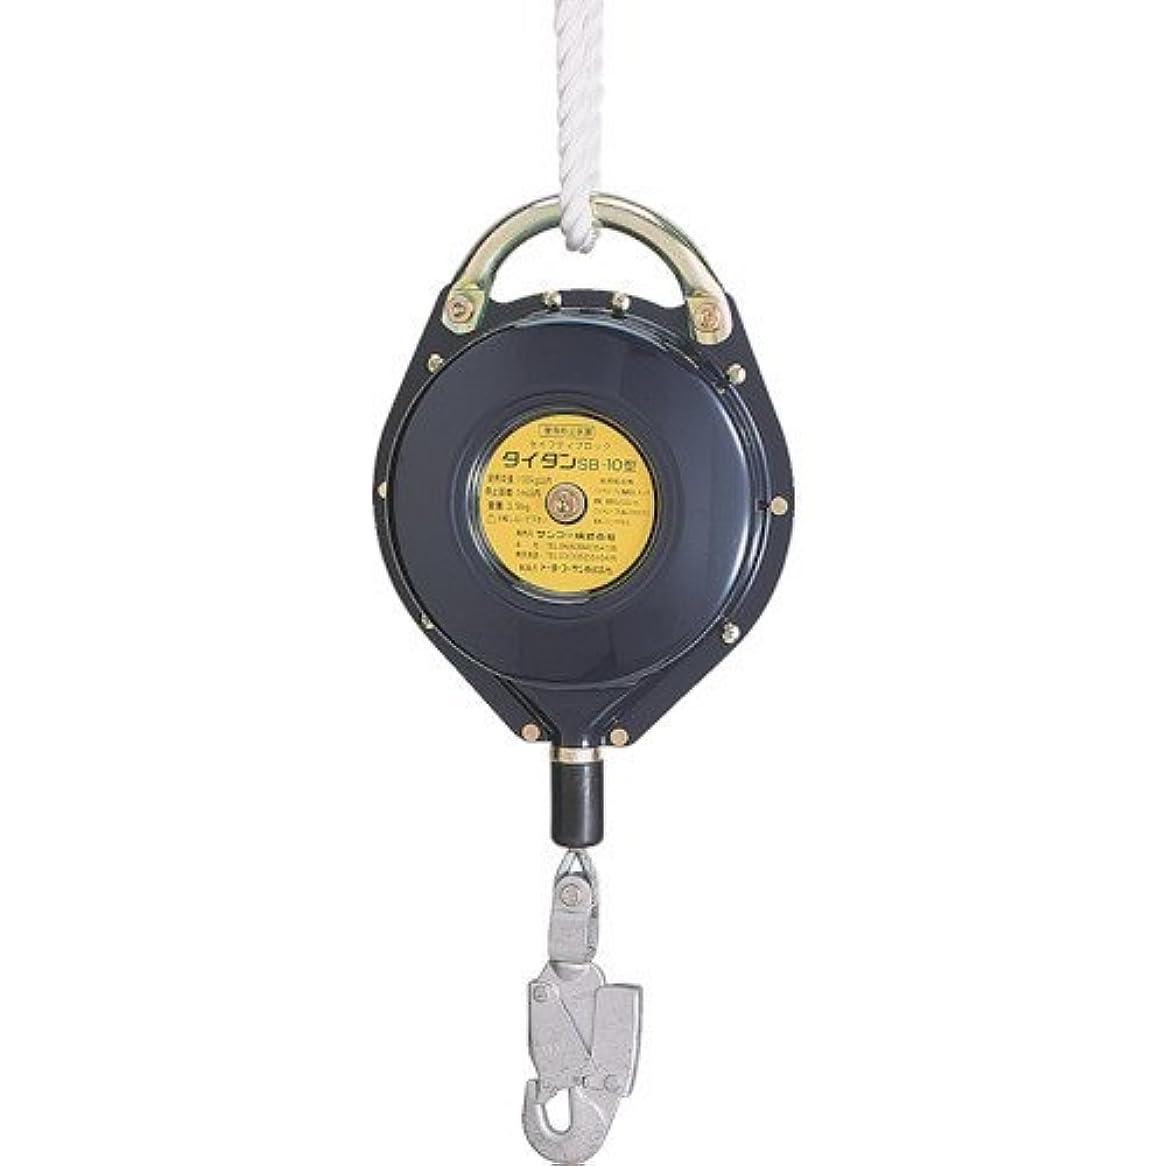 コンバーチブル爆弾コンクリートタイタン セイフティブロック(ワイヤーロープ式) SB10 [安全帯 落下防止 電気工事 高所での安全作業]